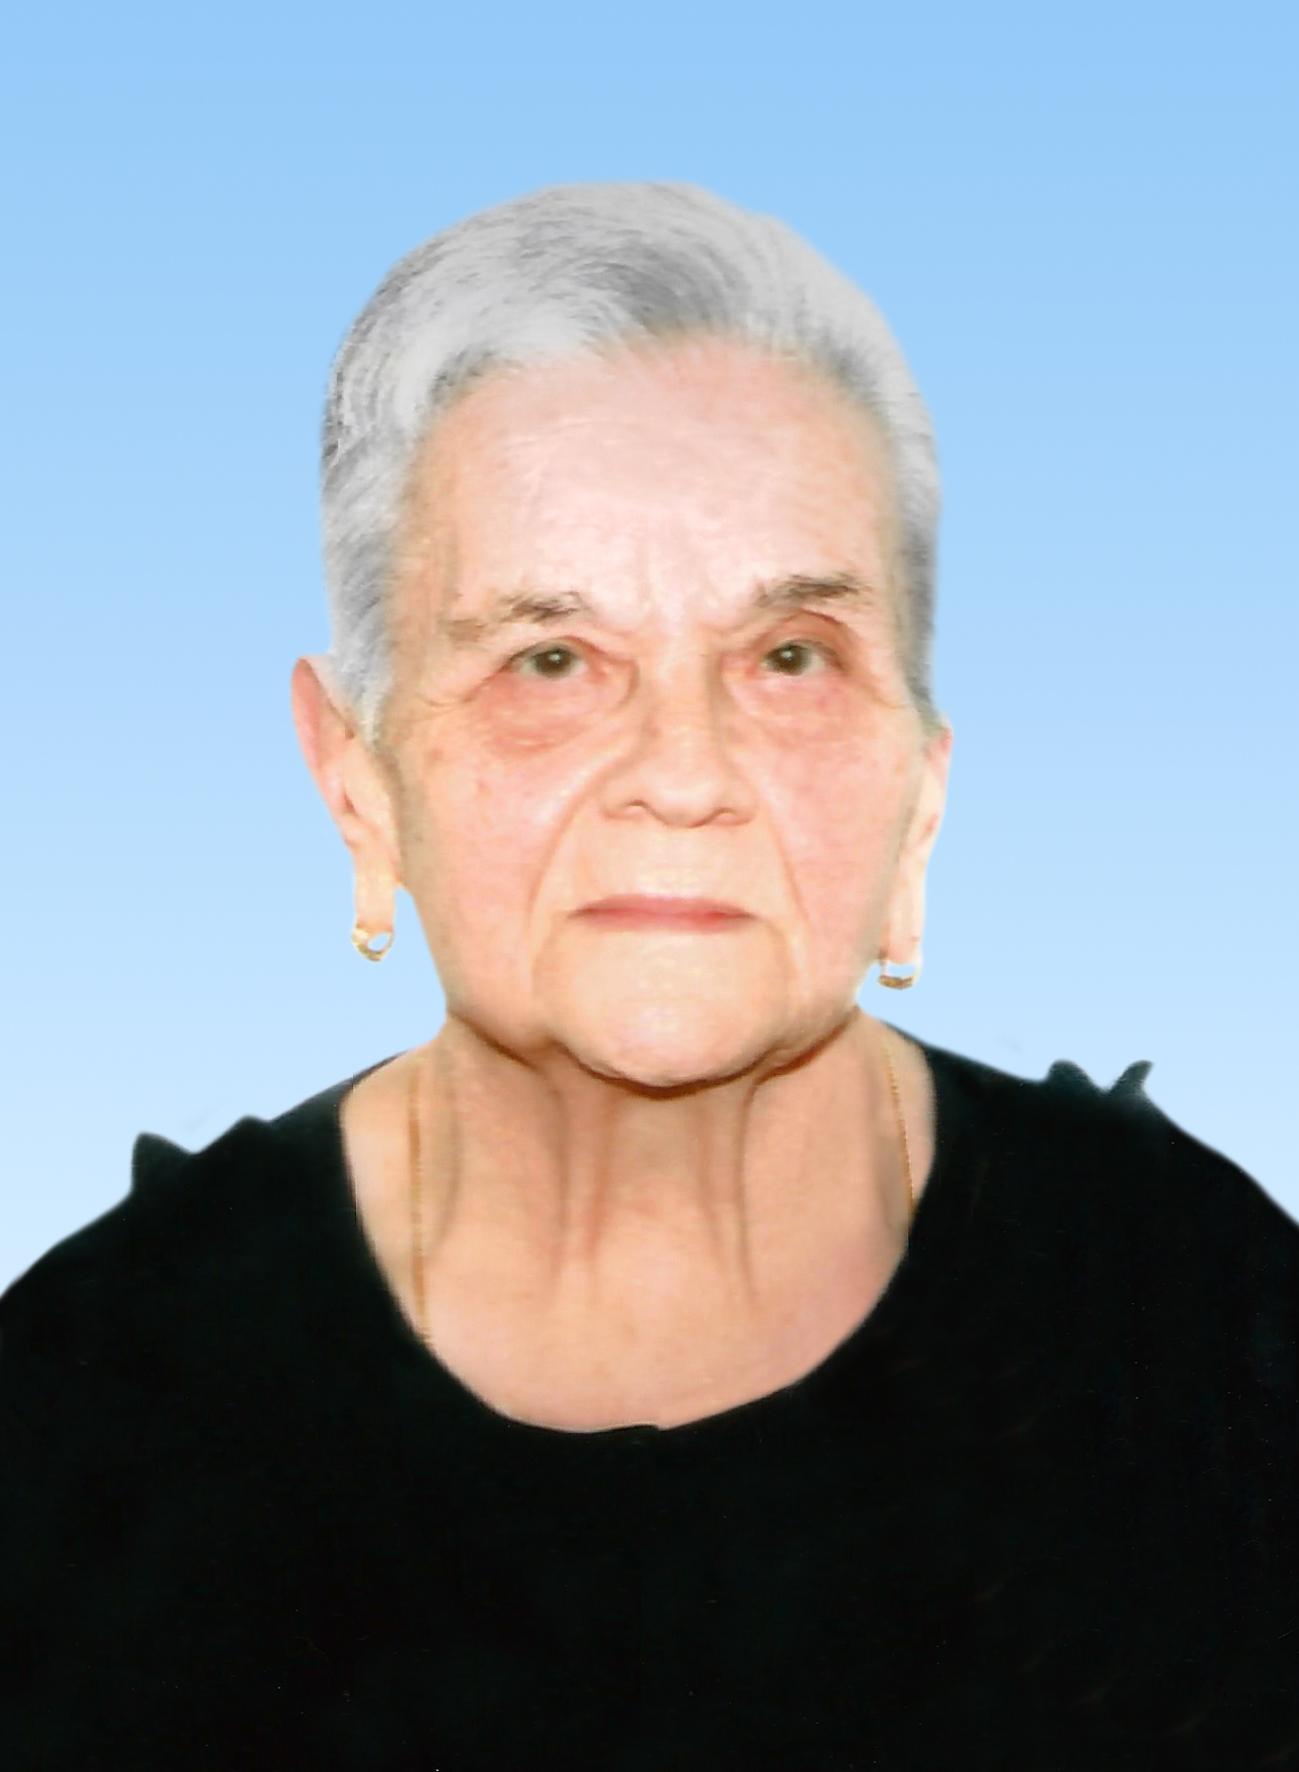 GUCCIONE MARIA CARDINALE